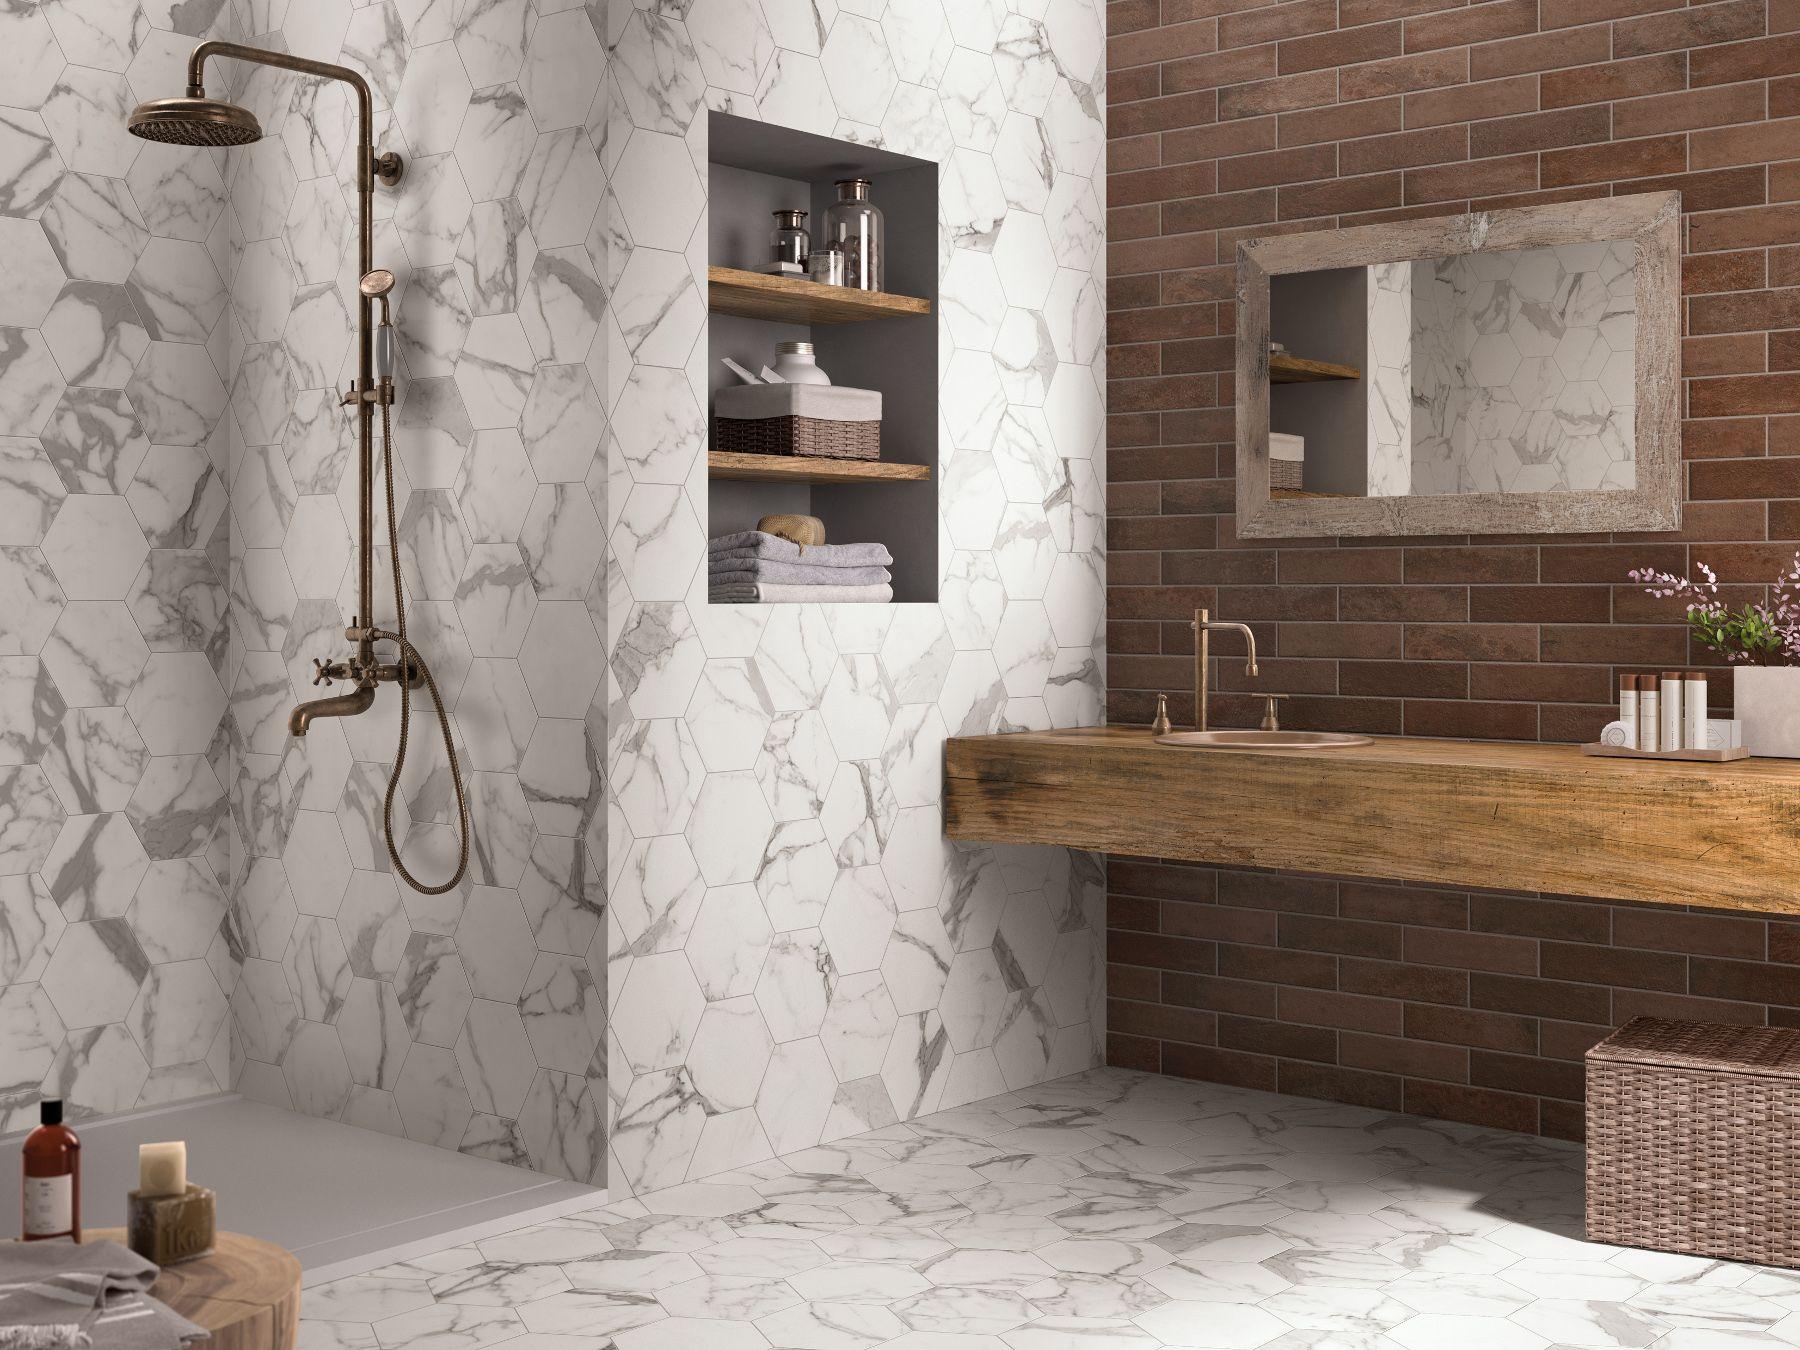 Pavimento rivestimento in gres porcellanato brik cotto - Rivestimento bagno gres porcellanato ...